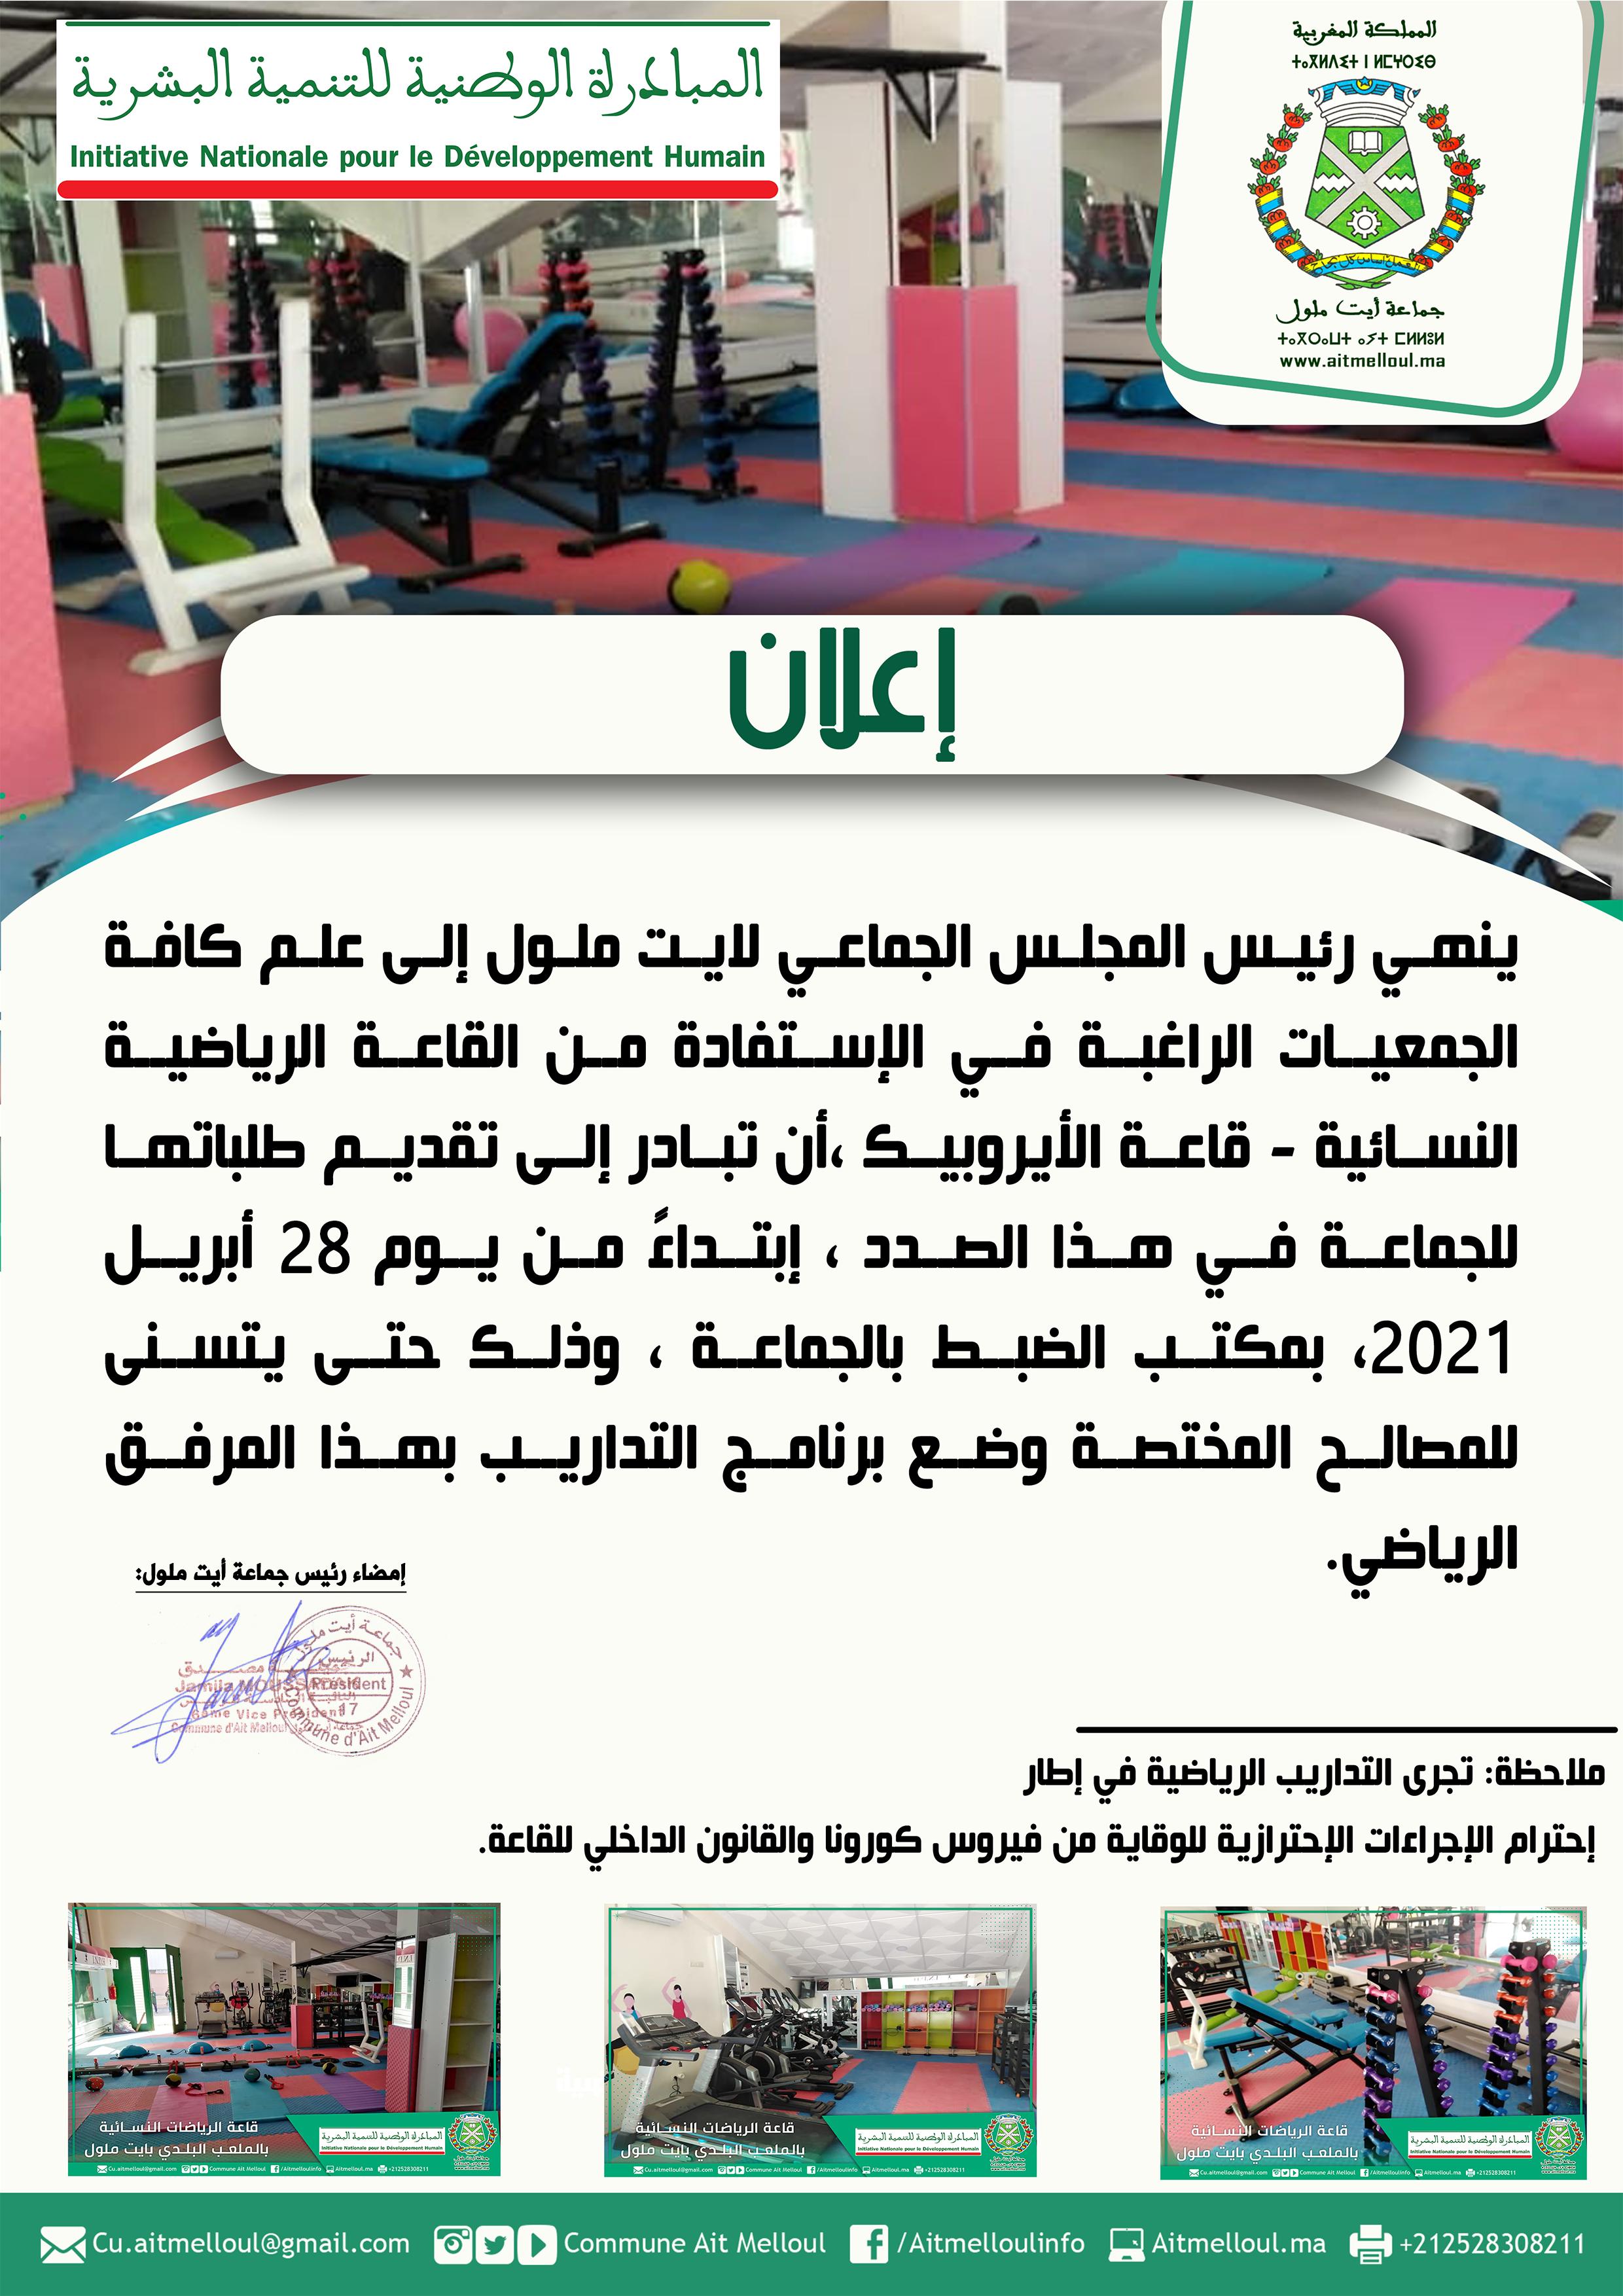 إعلان إستقبال طلبات الإستفادة من القاعة الرياضية النسائية بالملعب البلدي لأيت ملول